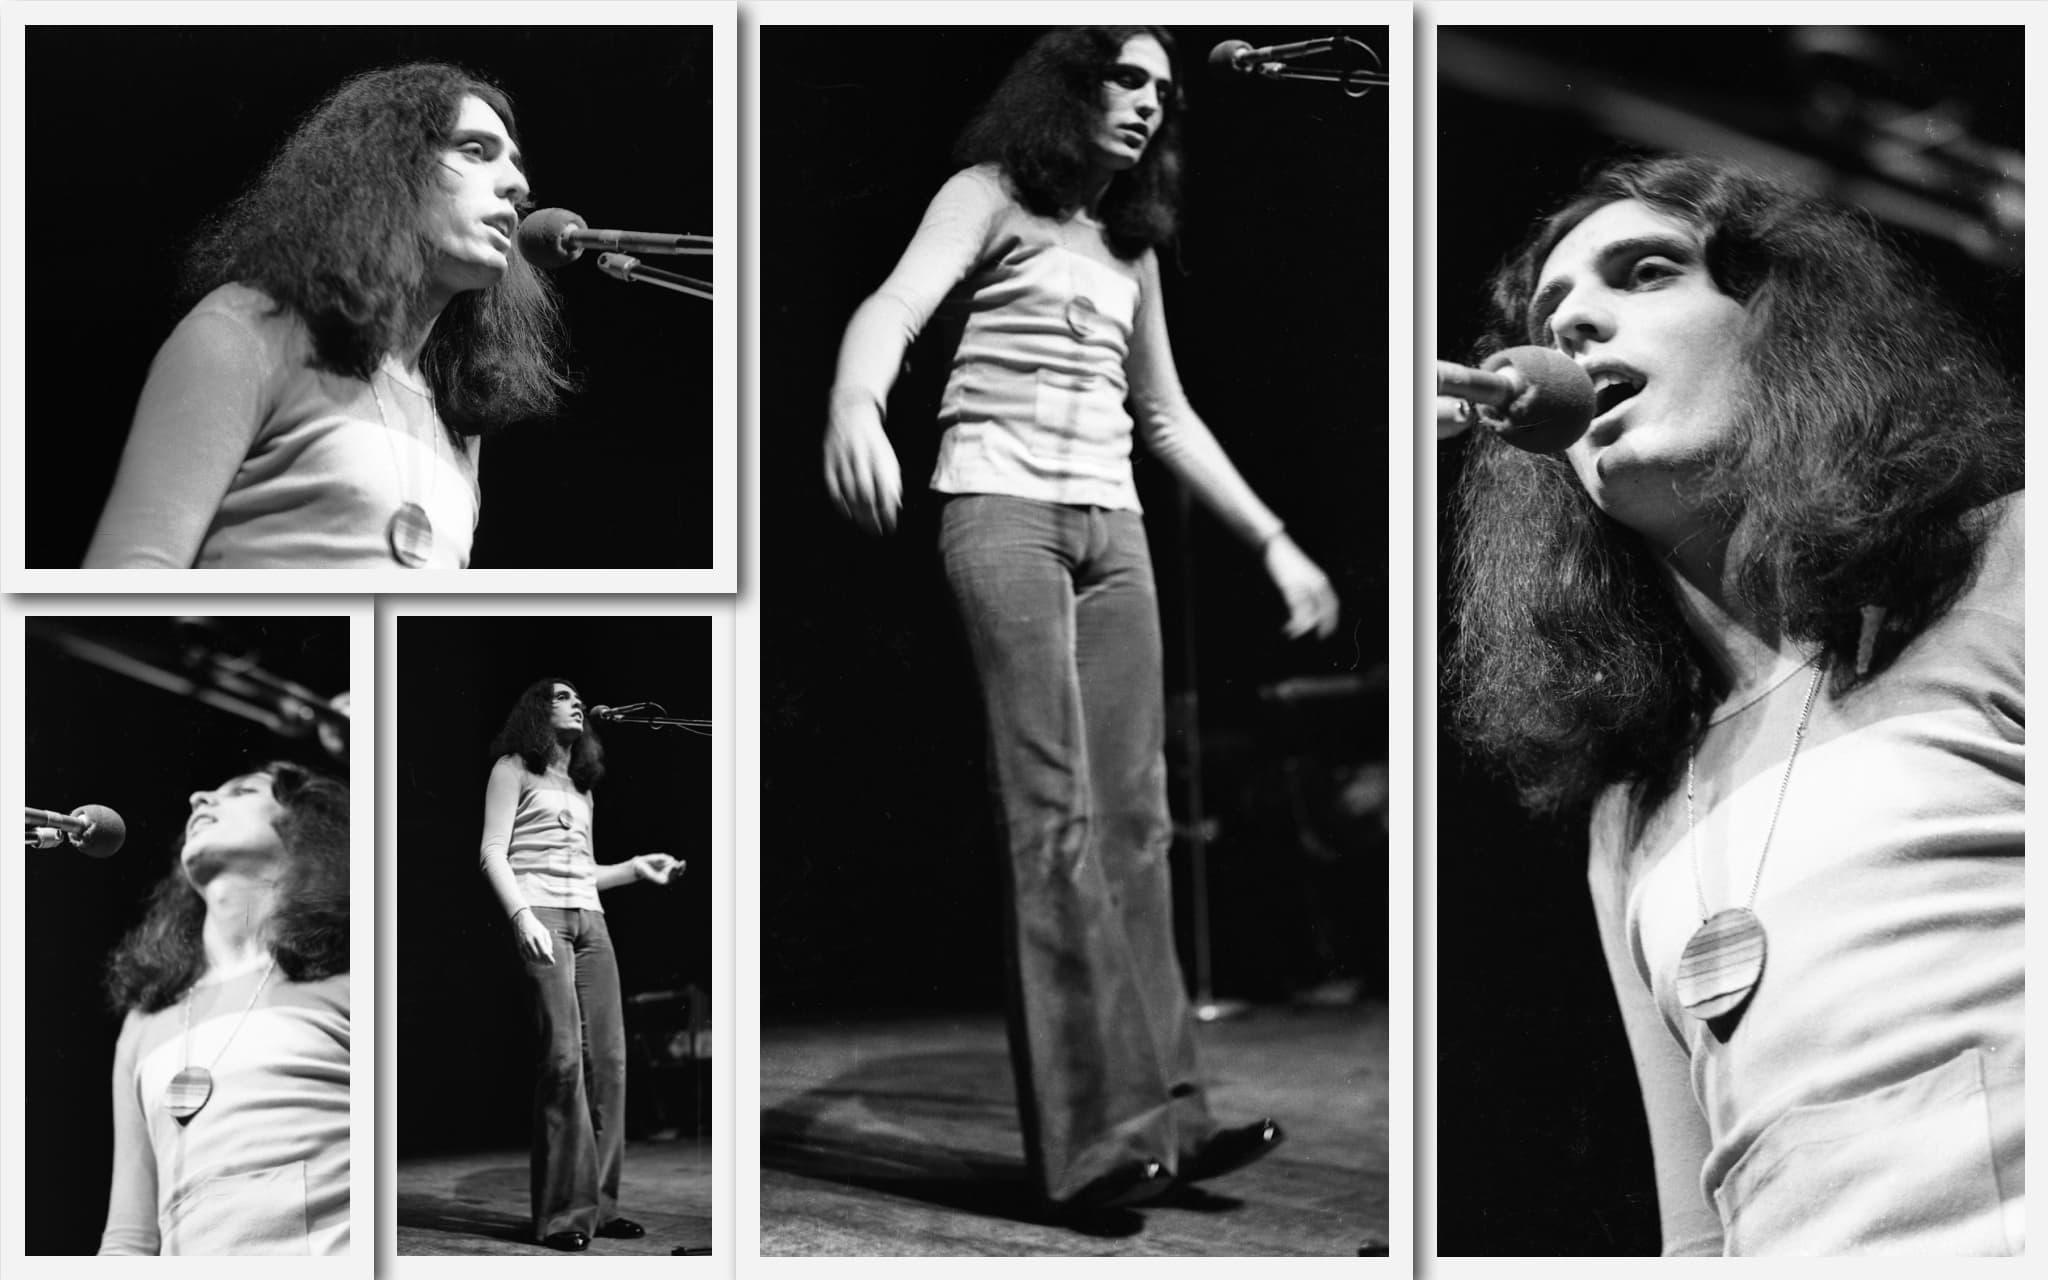 צביקה פיק בערב שירי משוררים בבית החייל בתל אביב, 25 בינואר 1972 (צילום: אוסף דן הדני, הספרייה הלאומית)